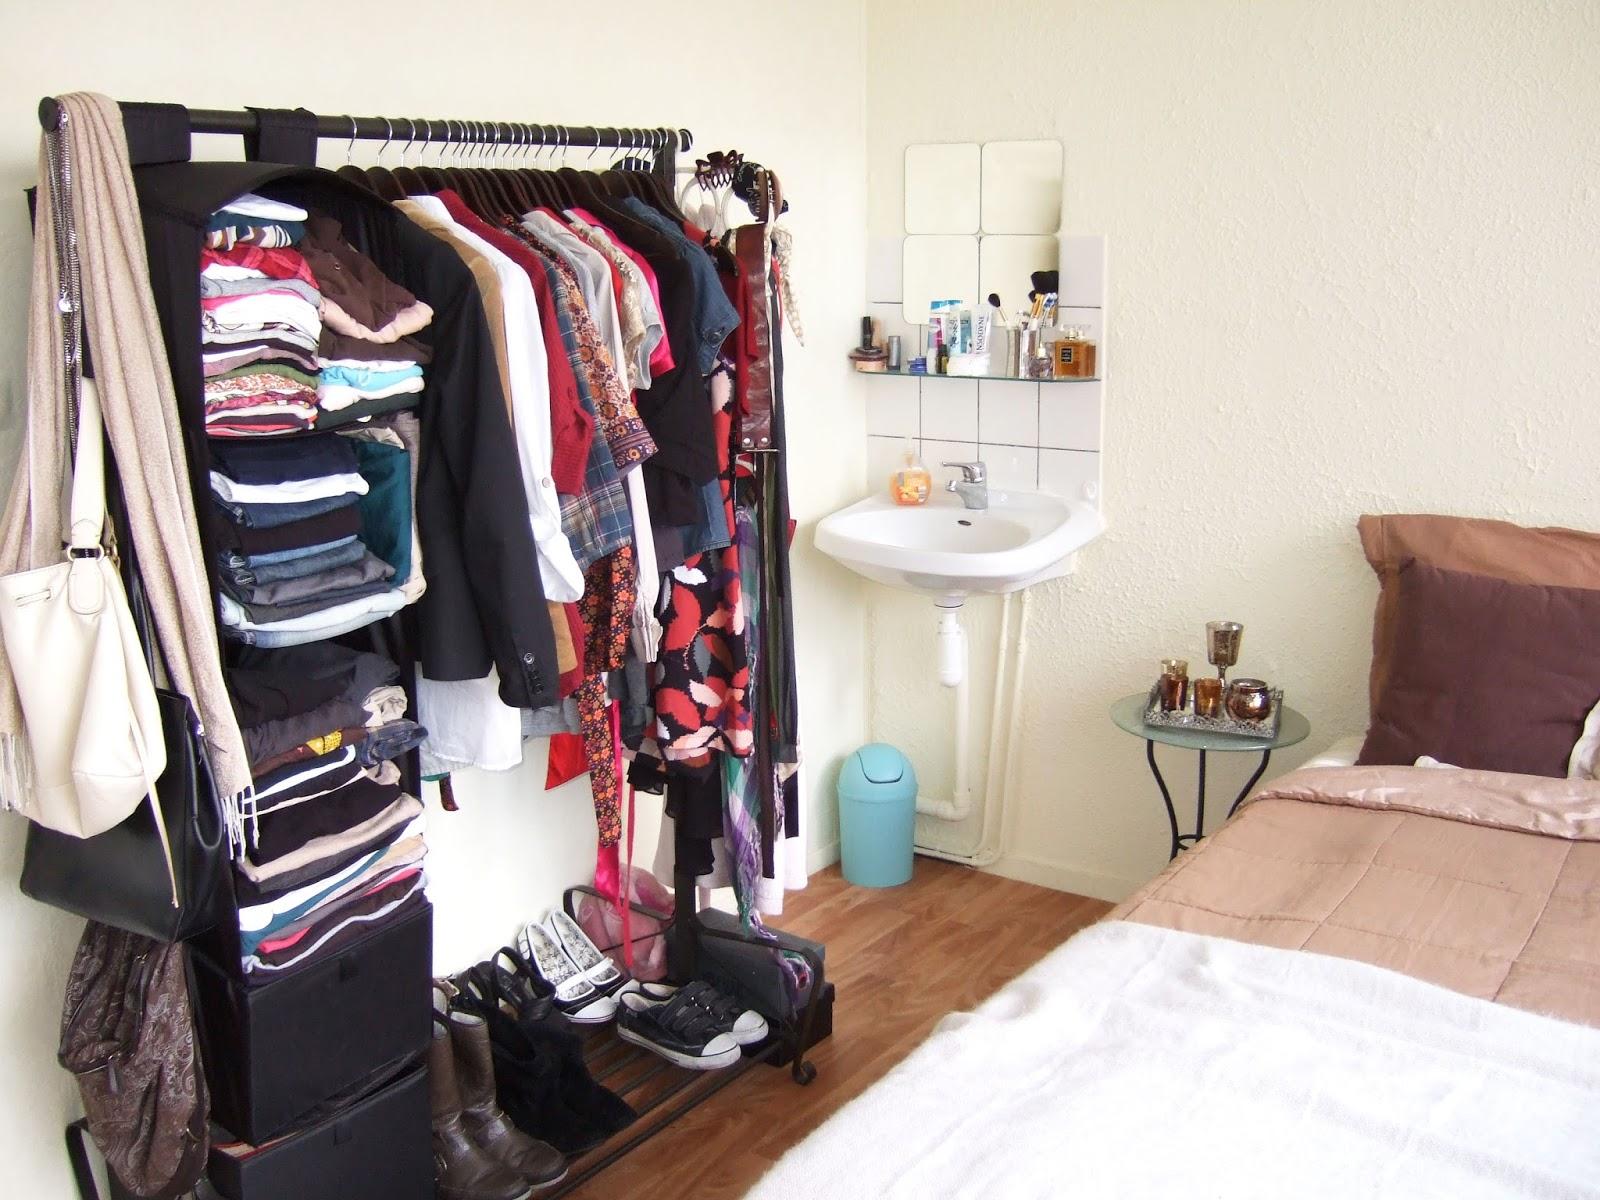 Ik kan niet meer geloven dat al mijn kleren ooit in dat ene kledingrek  hebben gepast  Hij komt uit de PORTIS serie van IKEA. Dutch Design on a Budget  Design Recap   Part 2